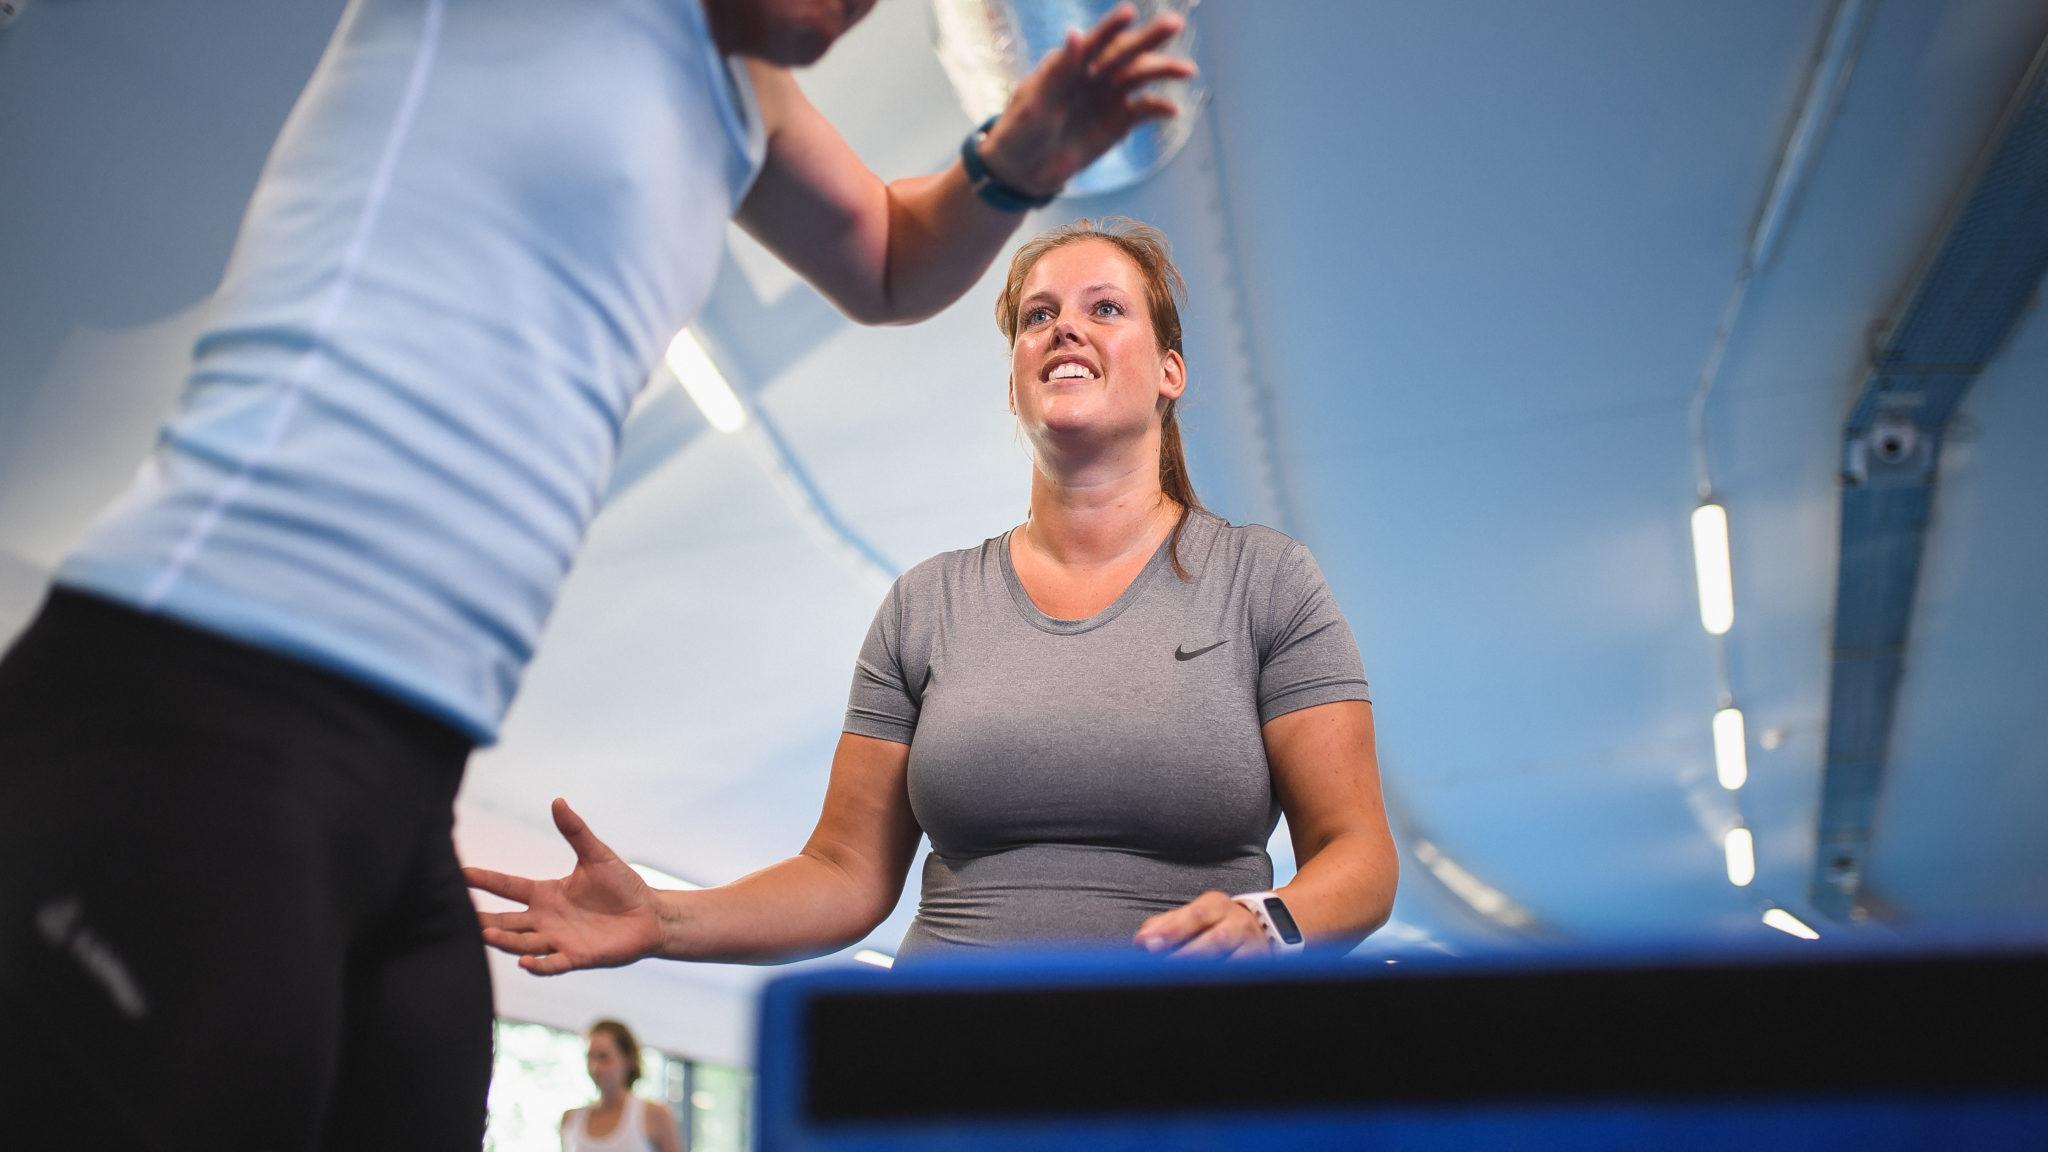 sportieve begeleiding fysiotherapie 1